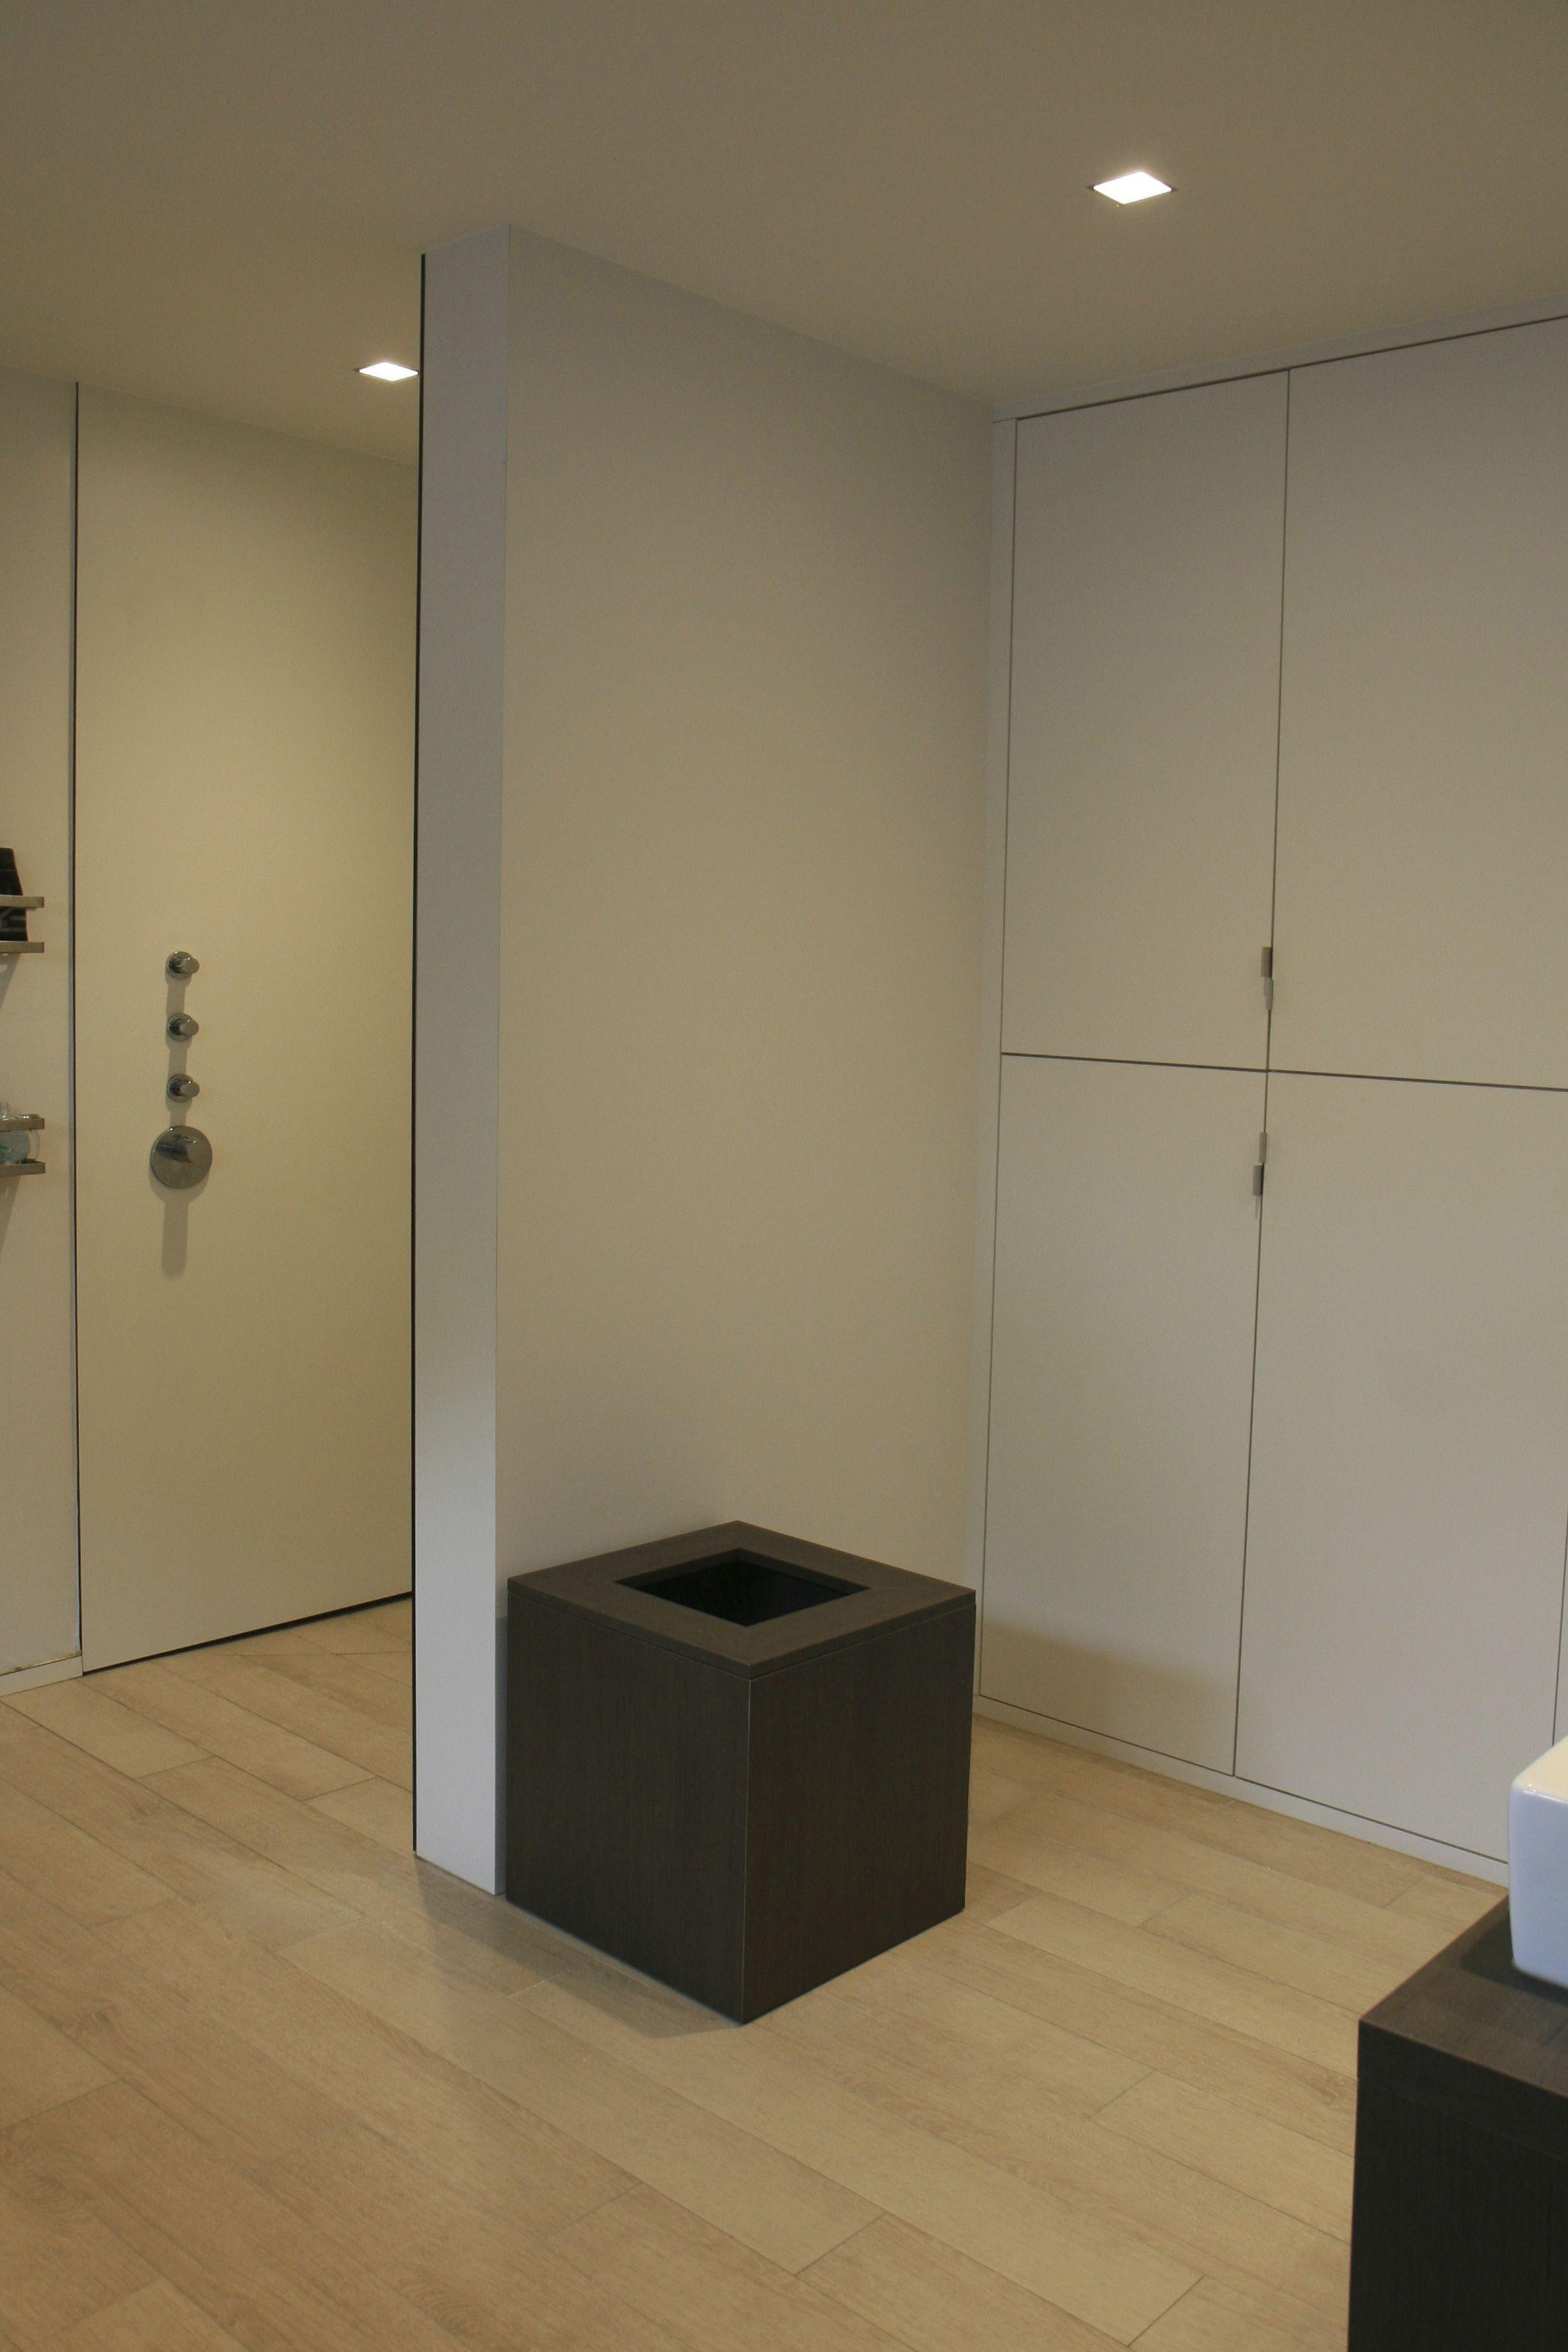 keramische parketvloer in badkamer en douche | my interior projects ...